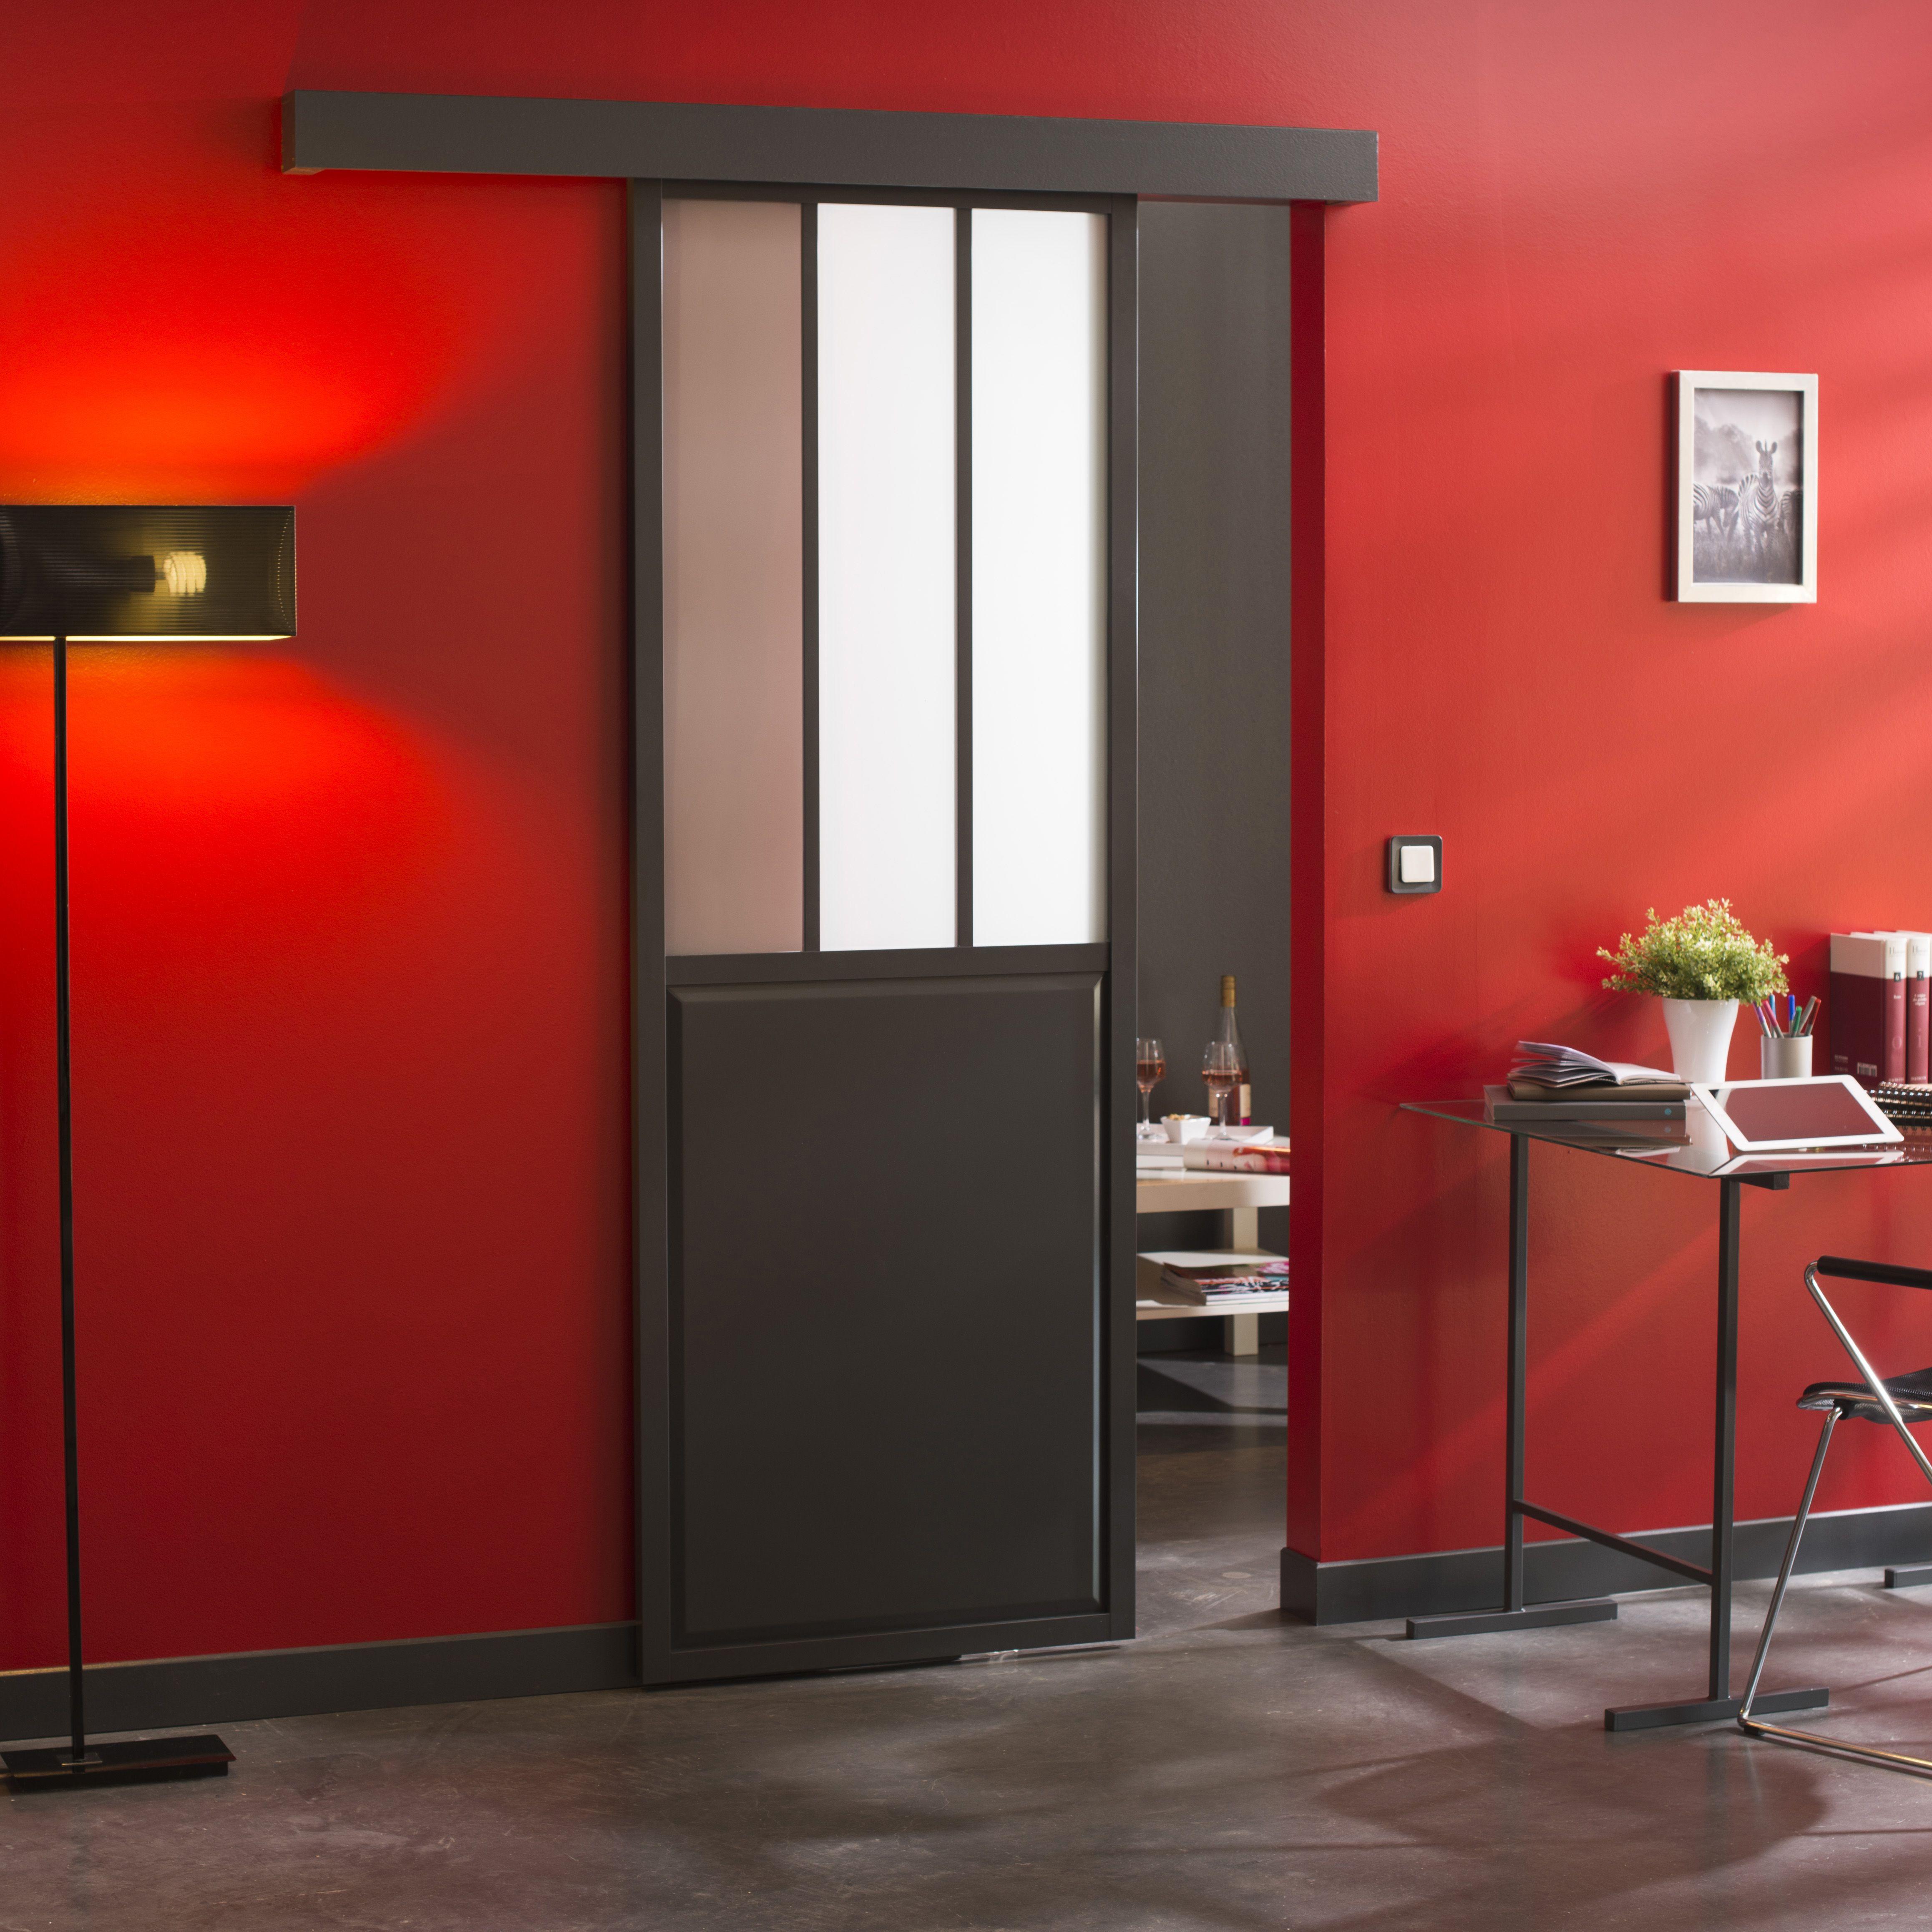 Epingle Par Martin Thibeaumont Sur Sliding Doors Porte Coulissante Atelier Porte Coulissante Porte Galandage